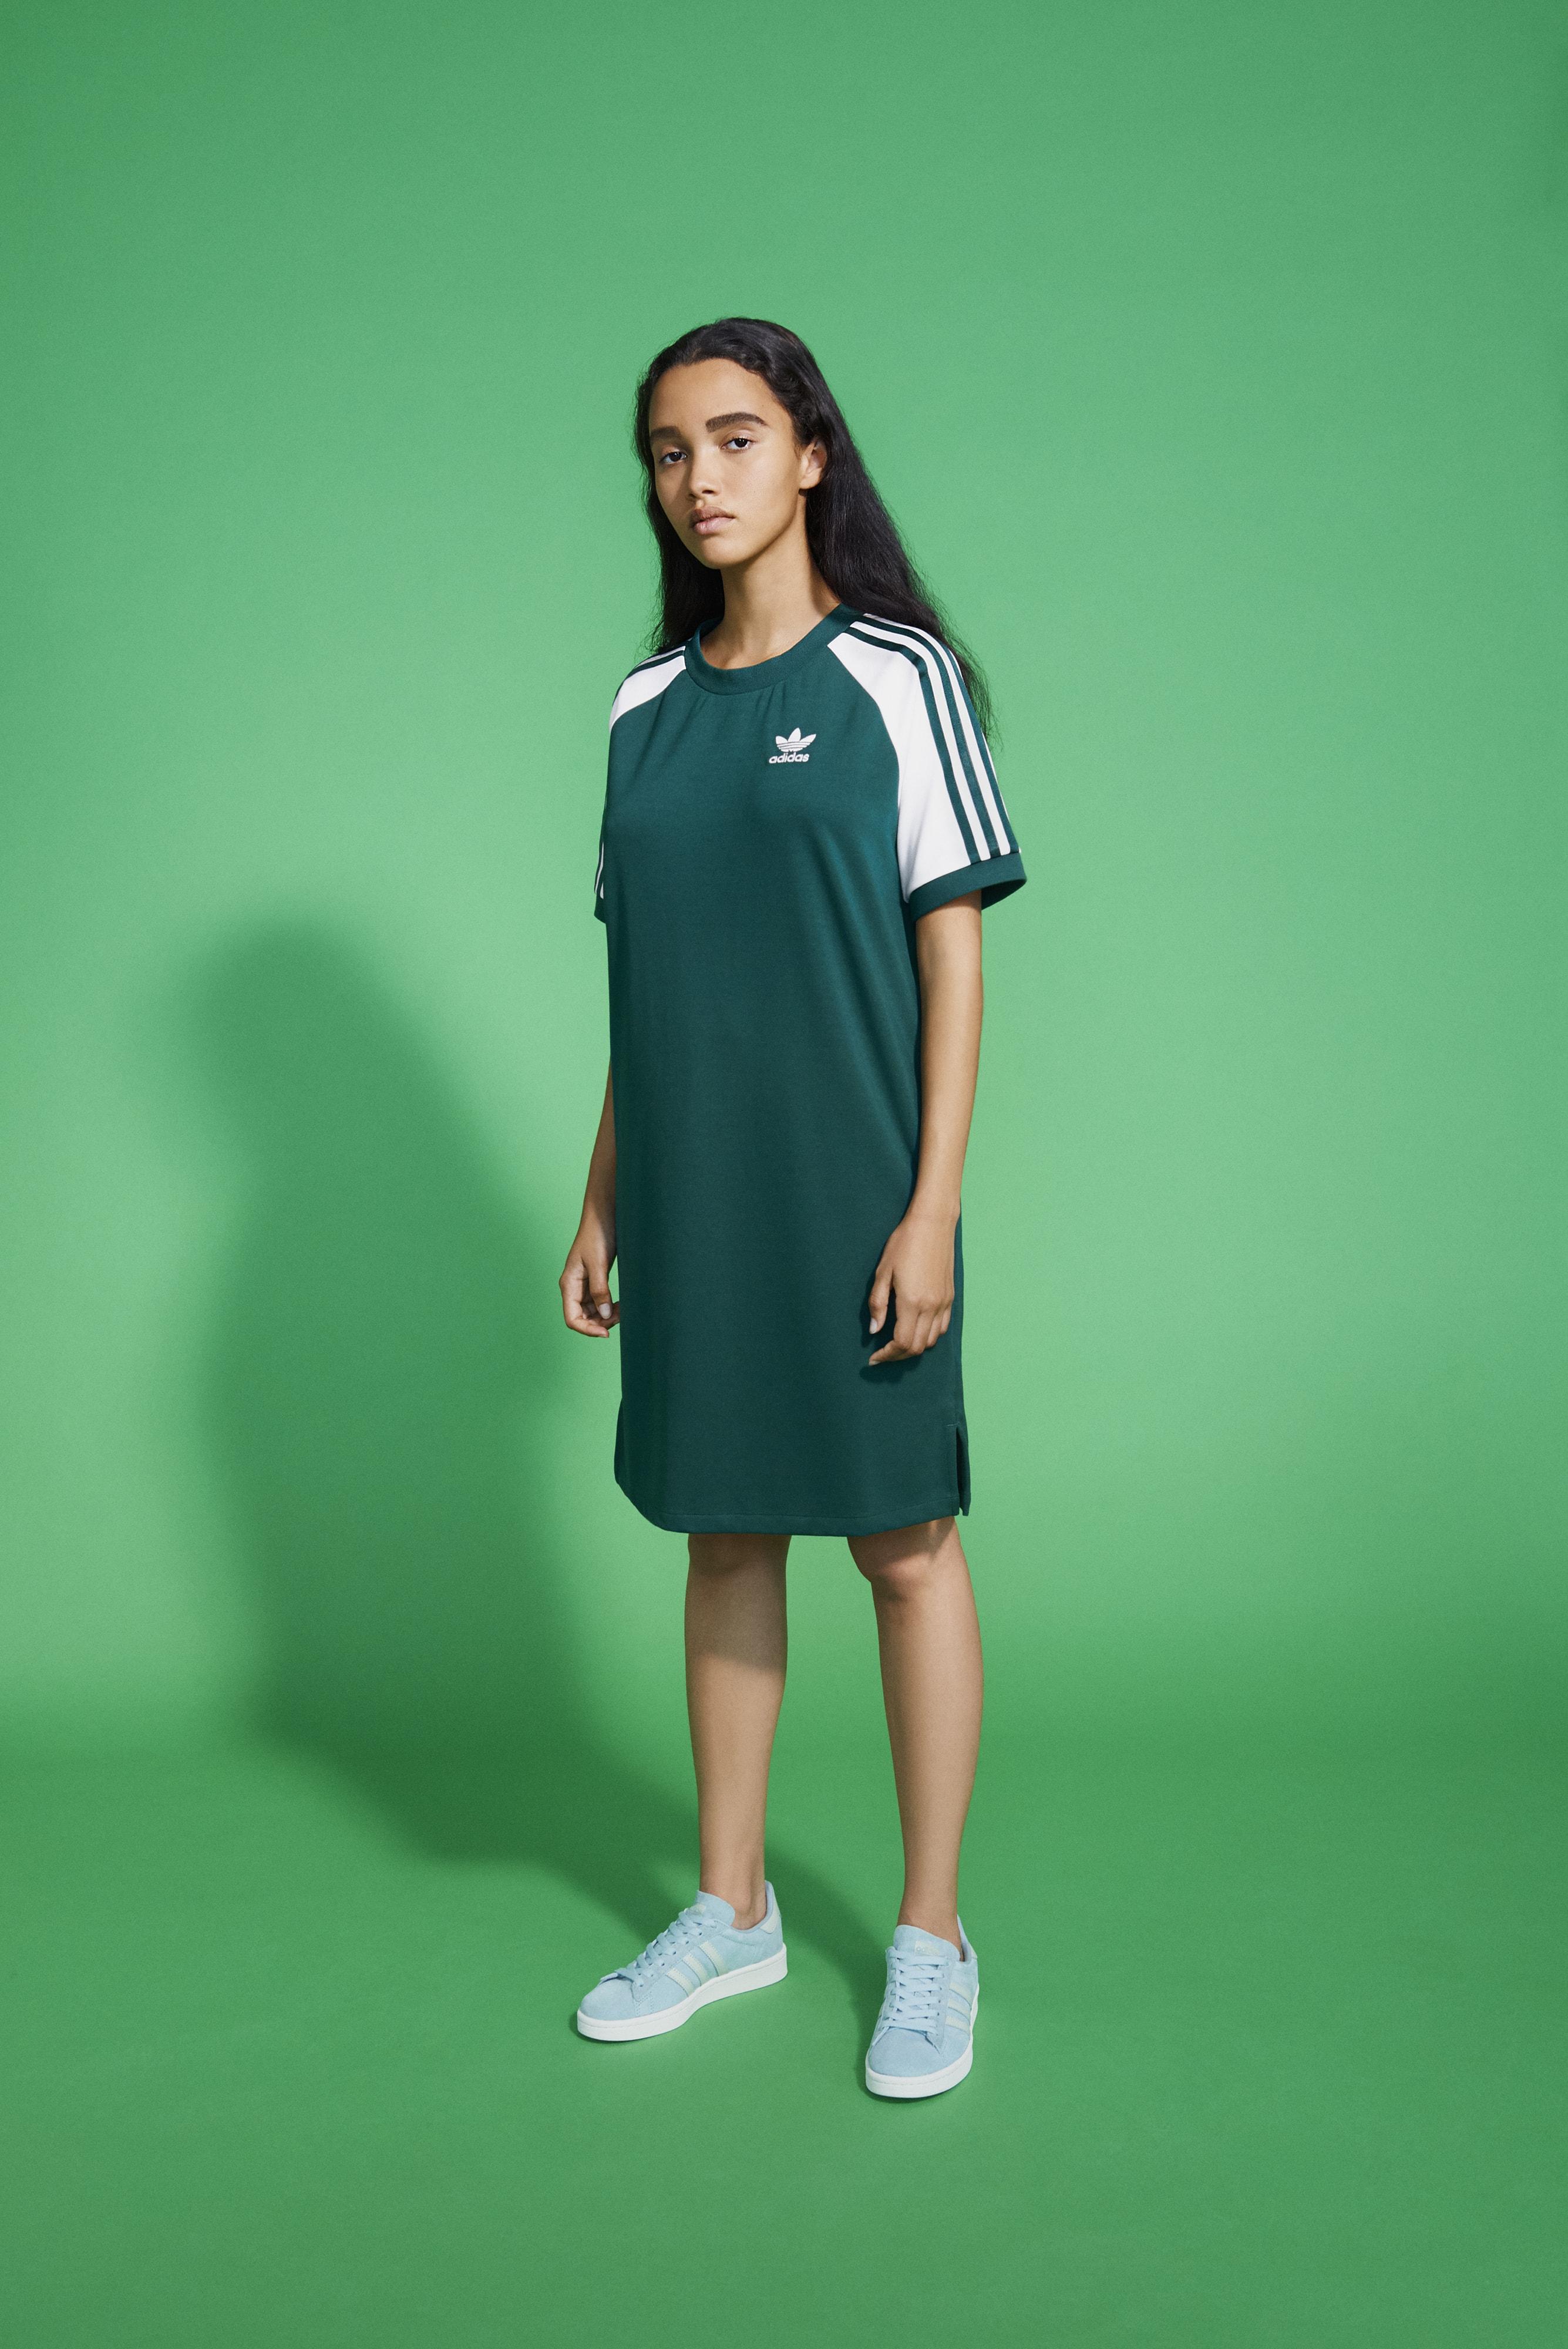 adidas Originals представляет культовую линейку adicolor сезона весна-лето 2018